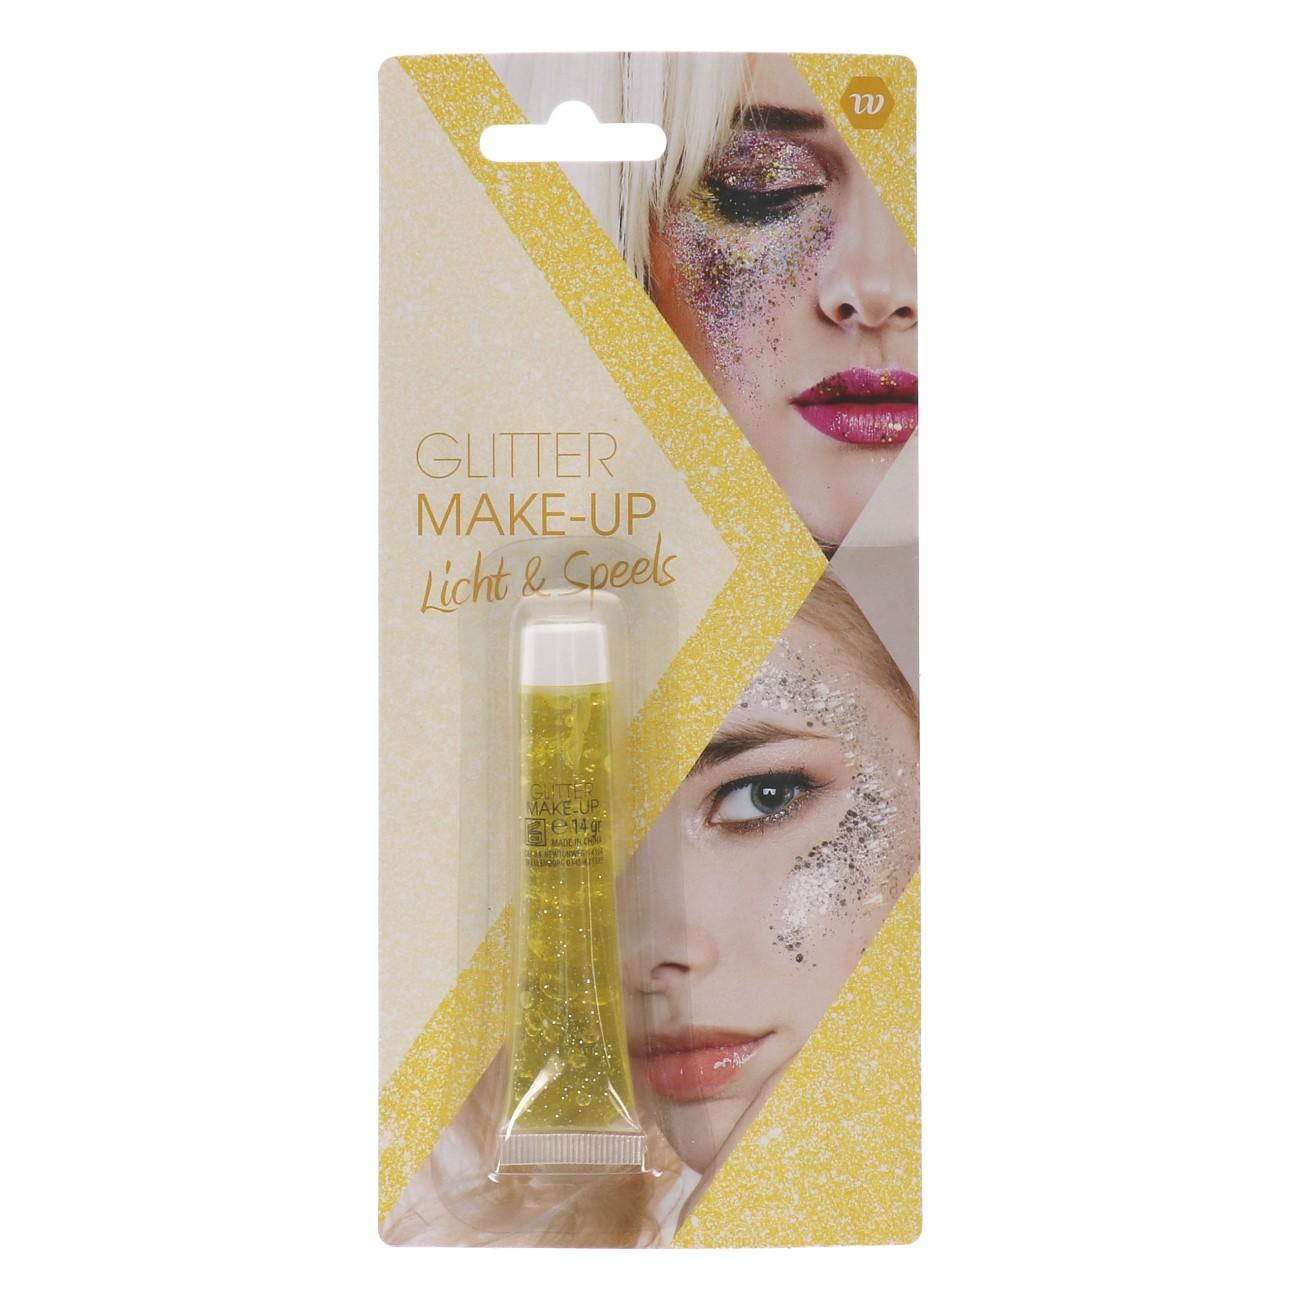 Glitter Make-up Licht & Speels (Geel)